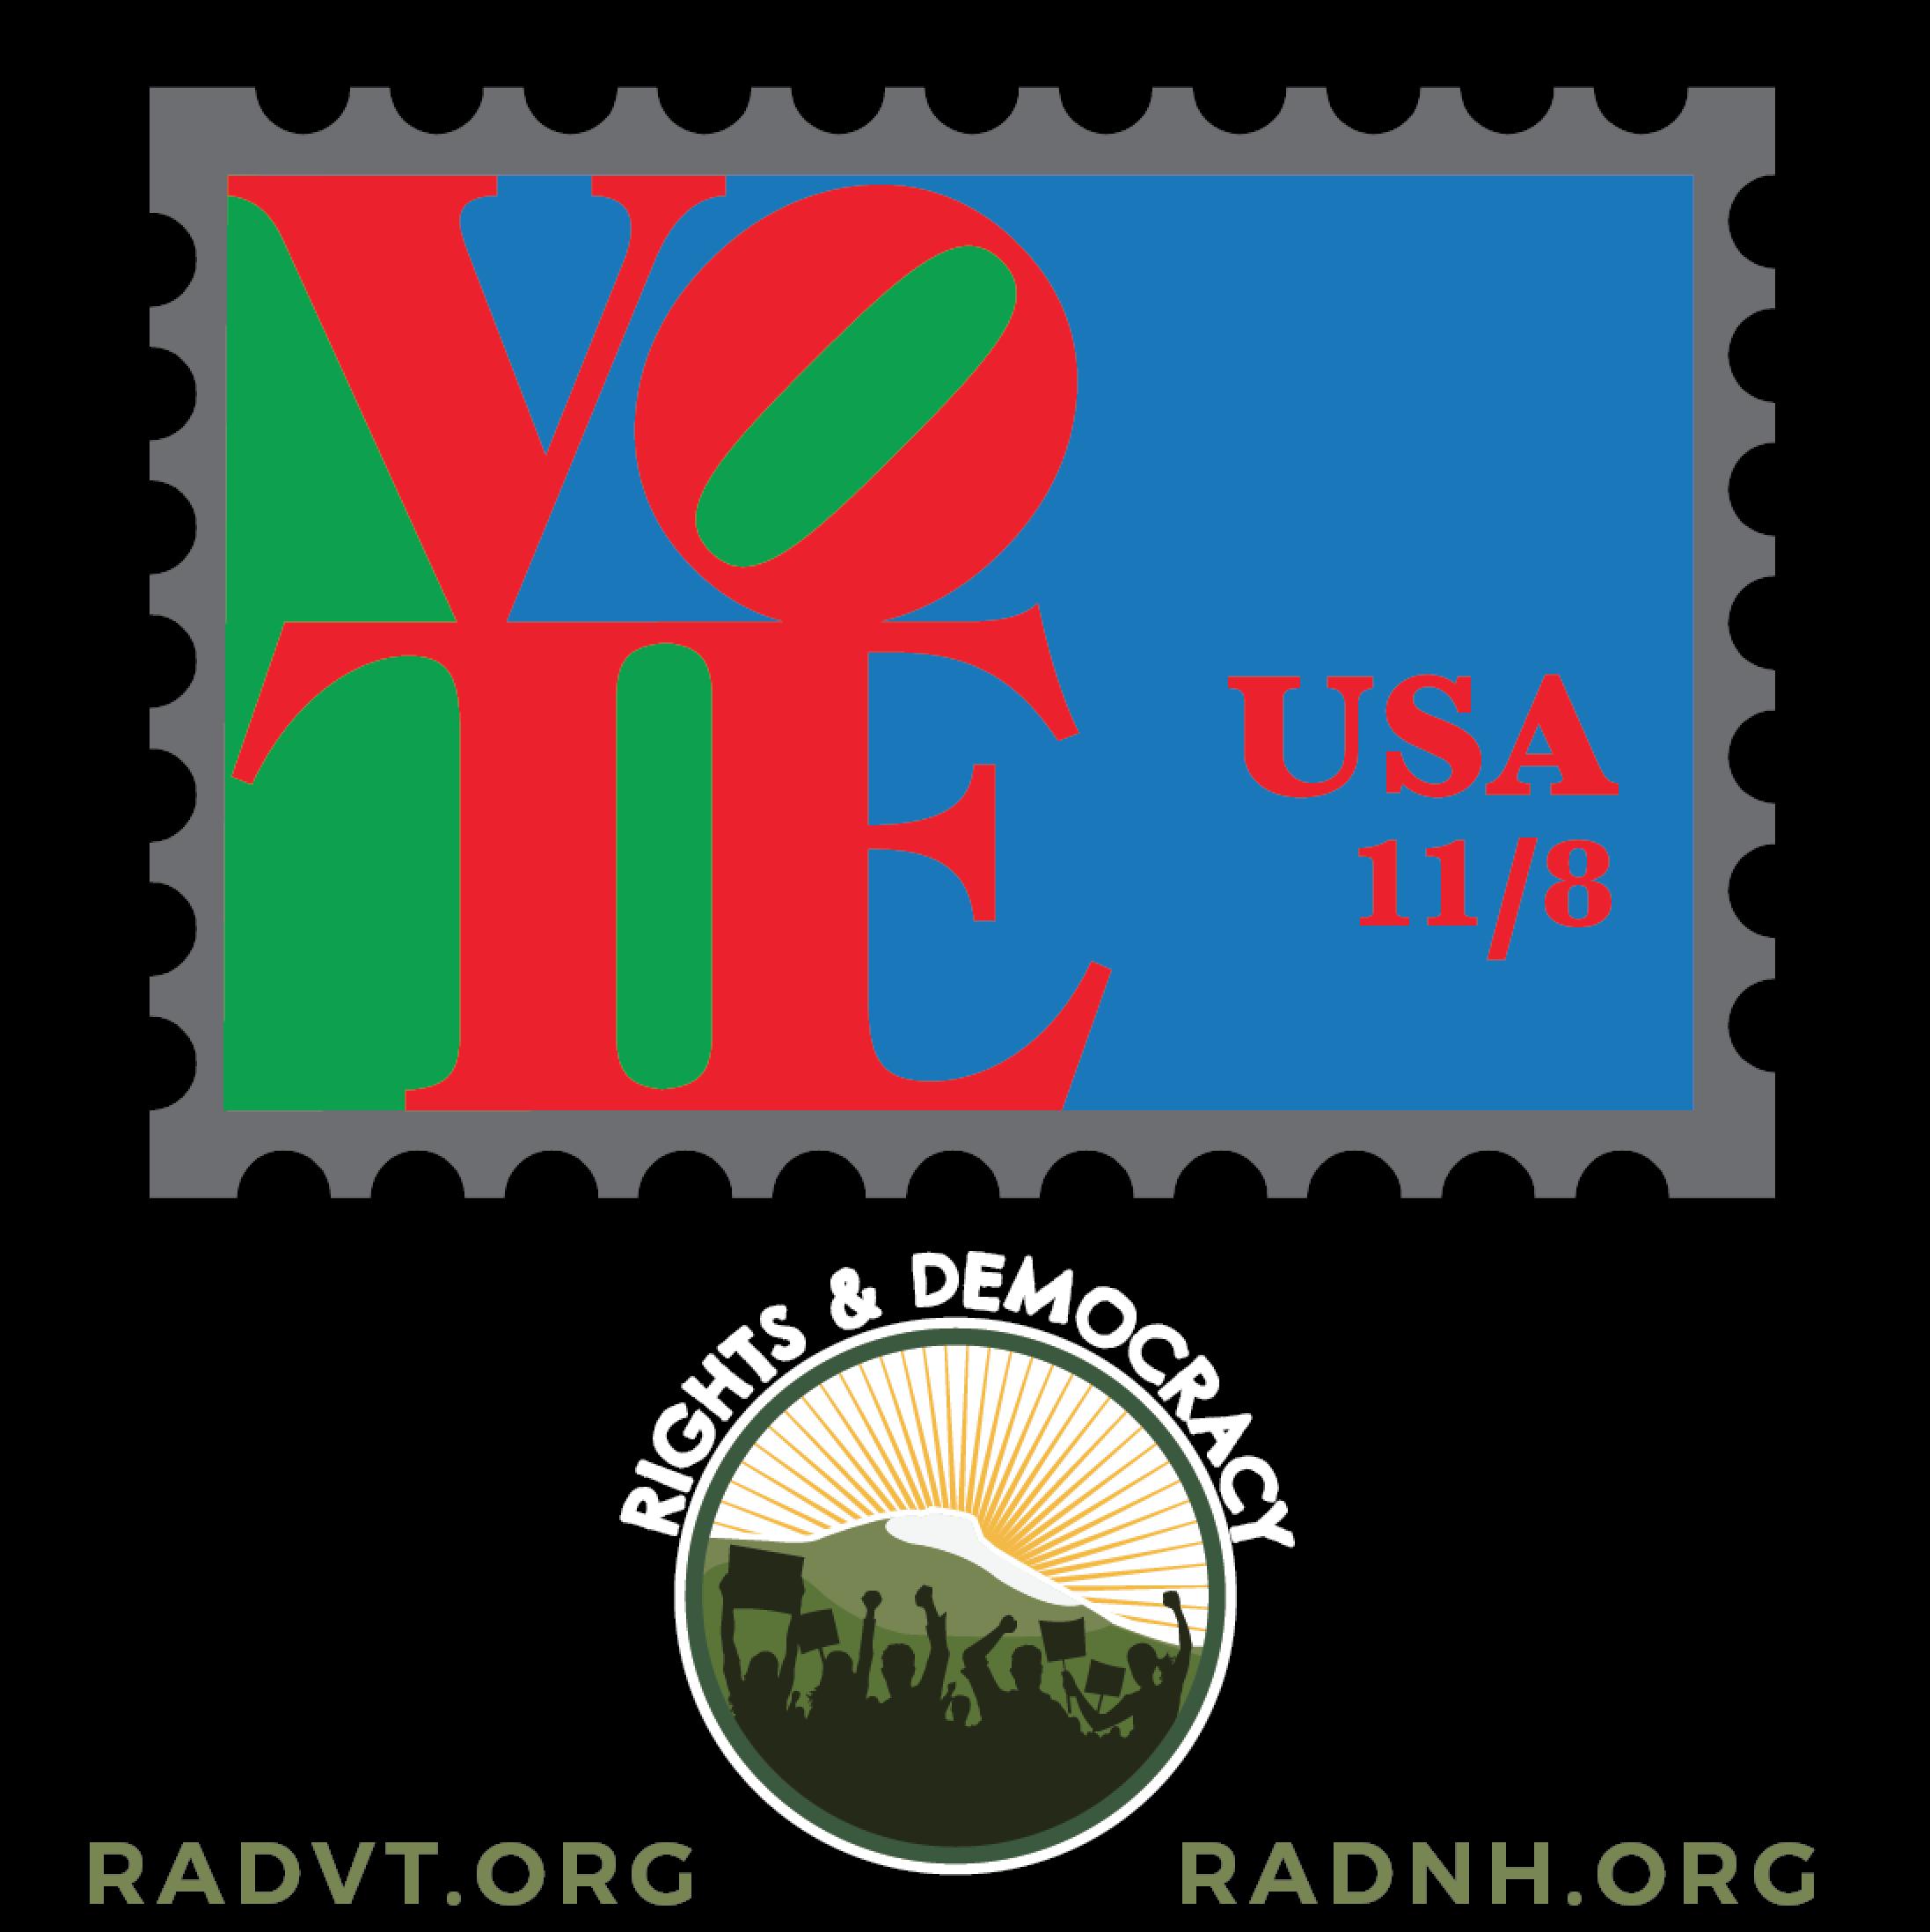 RAD_LOVE_VOTE.png